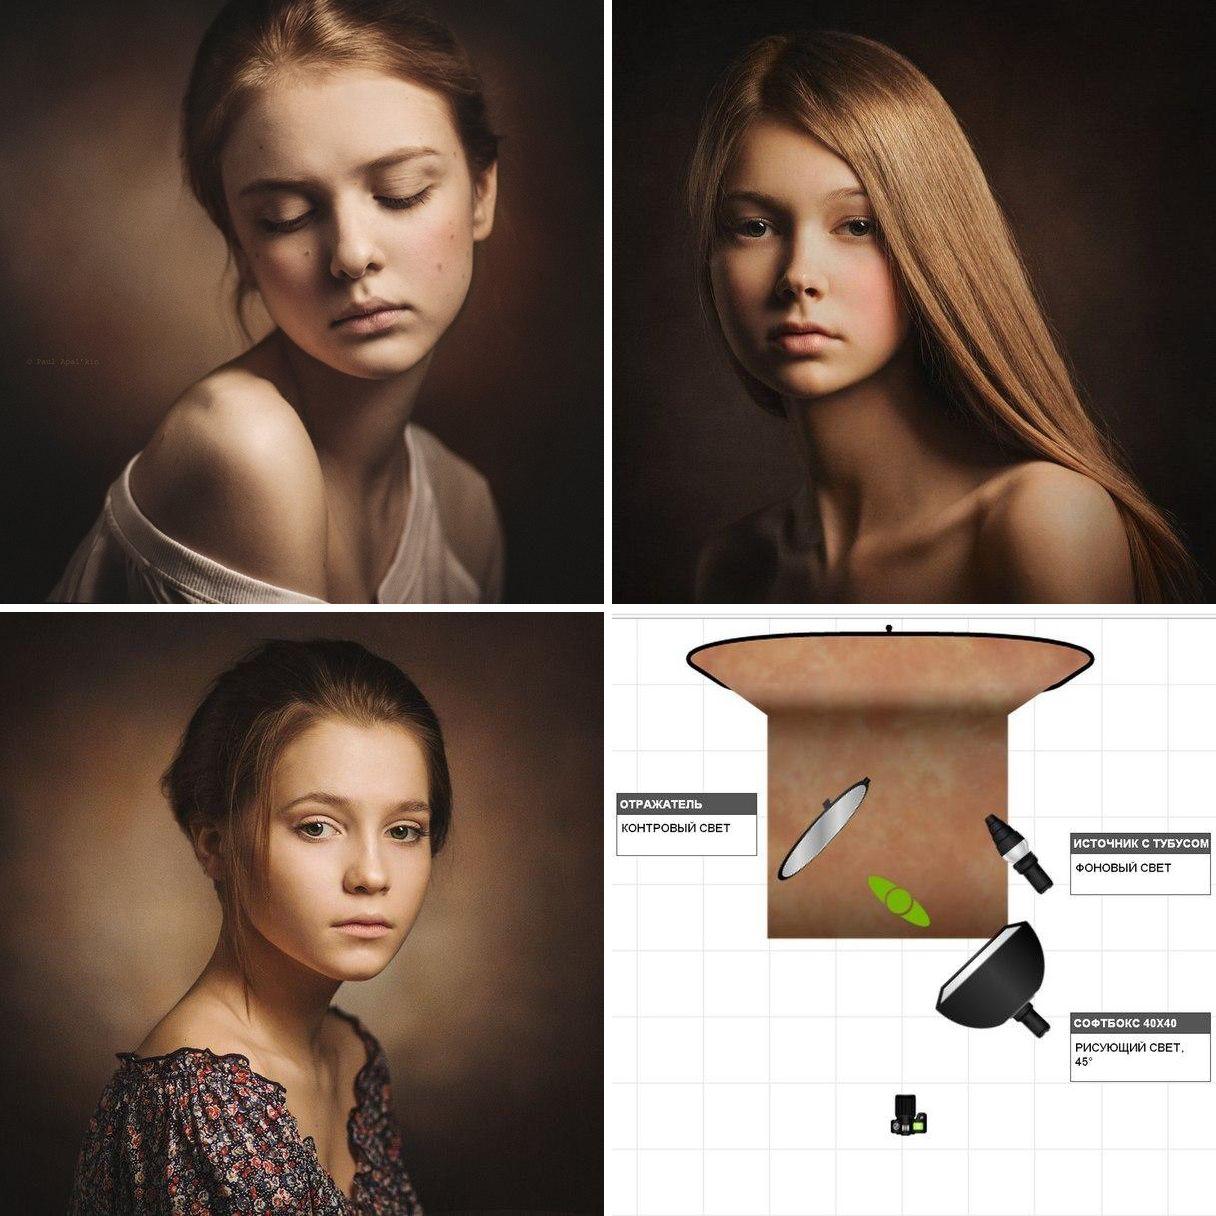 lighting diagrams for portrait photography 2002 isuzu rodeo wiring diagram d79eec8aa36bc121d81ee78ff5f53898 jpg 12161216 схемы